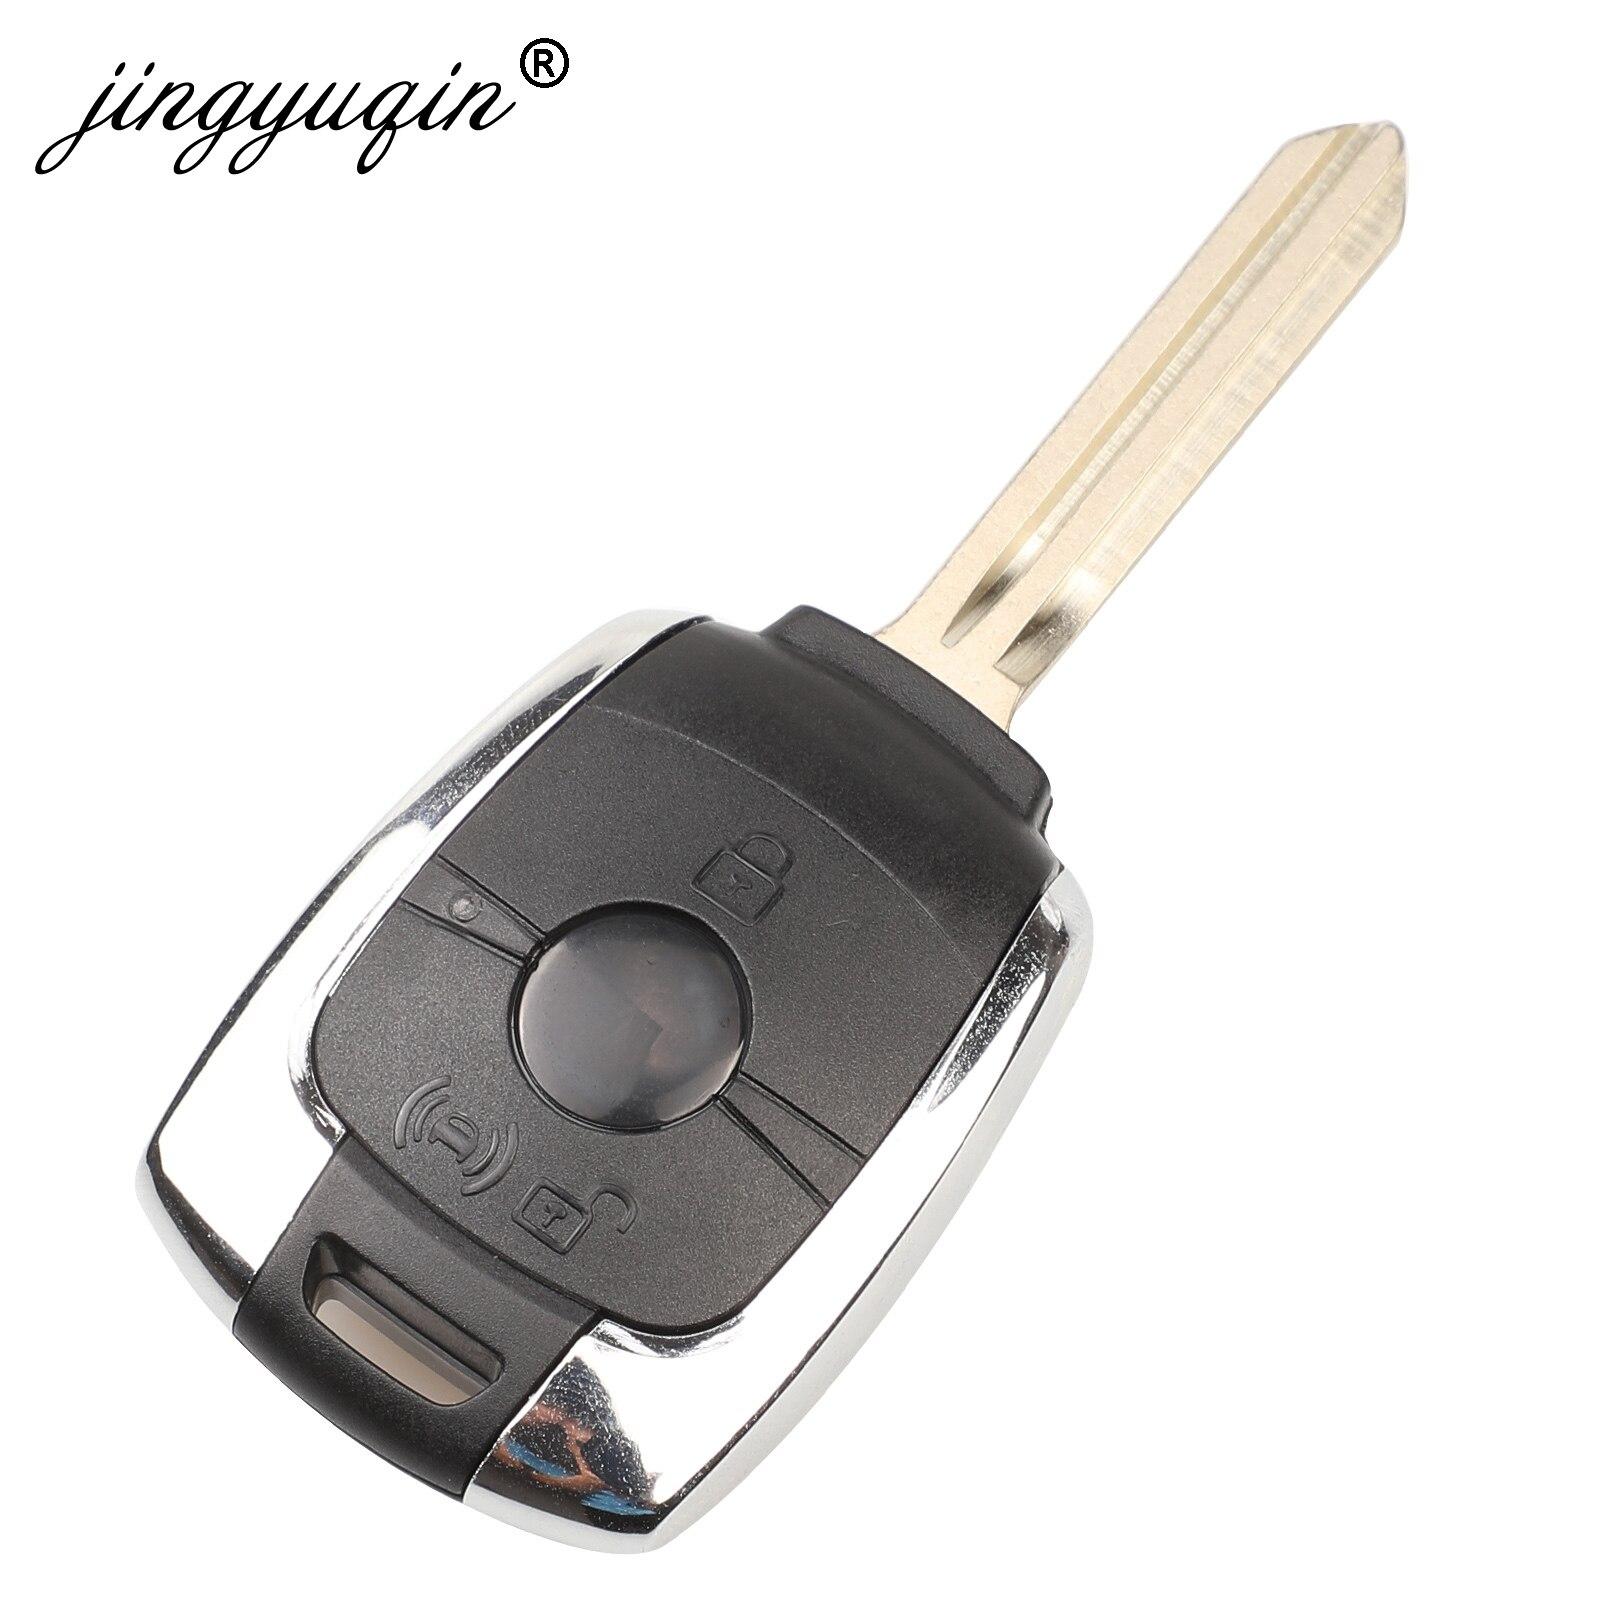 OEM Key Plate /& Case Ssangyong Actyon Sports Kyron Rxton 06-10 #8717A08D10